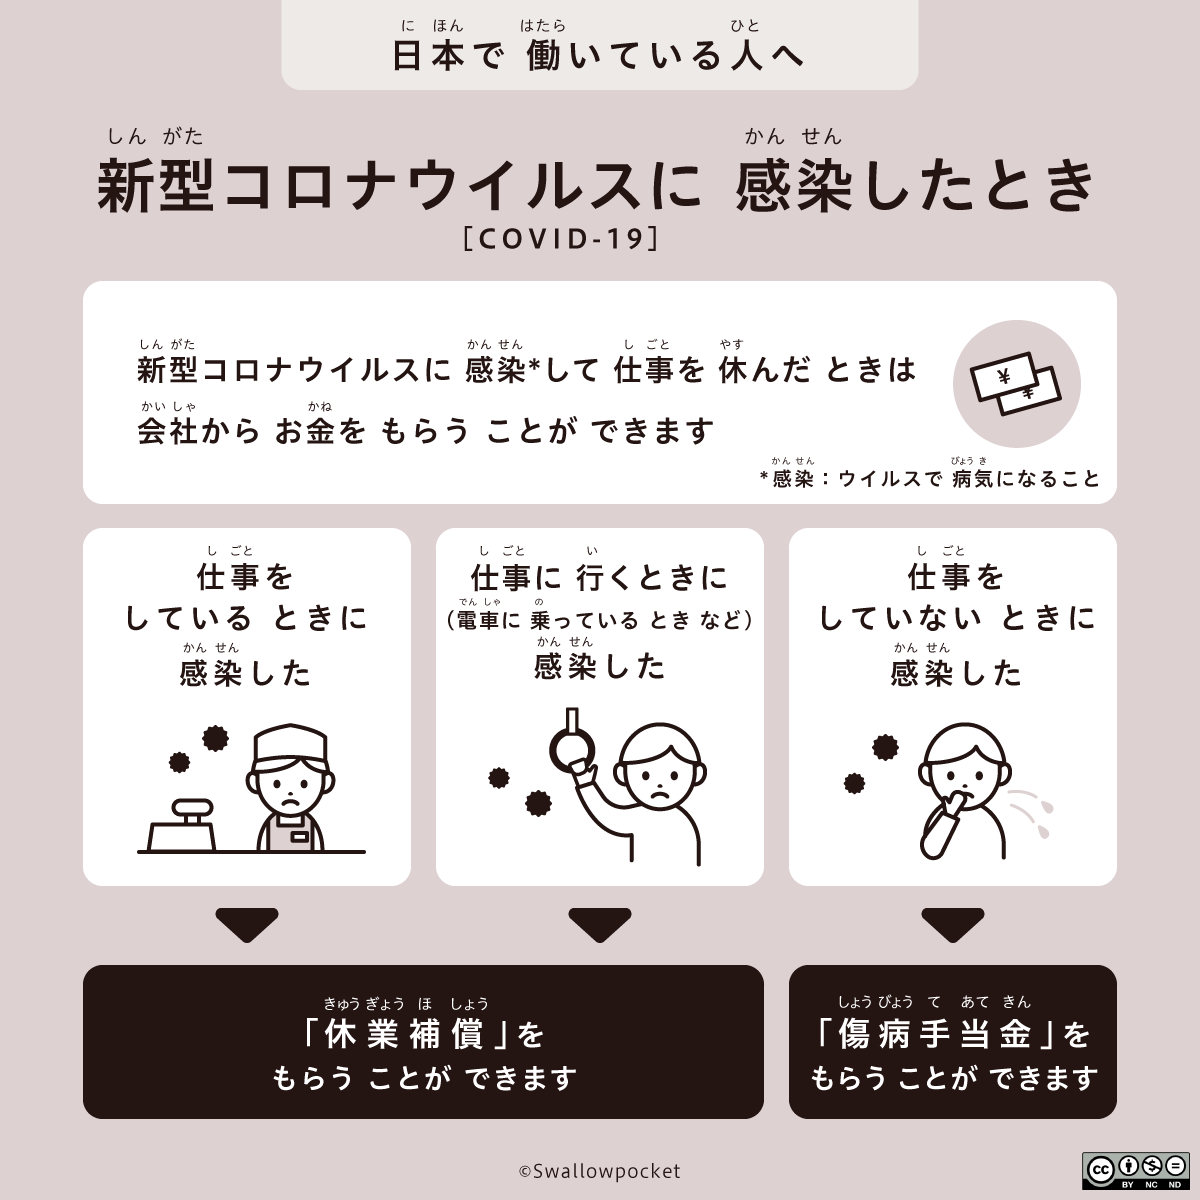 日本で働いている人へ。新型コロナウイルスに感染したときの説明。詳細は本文。